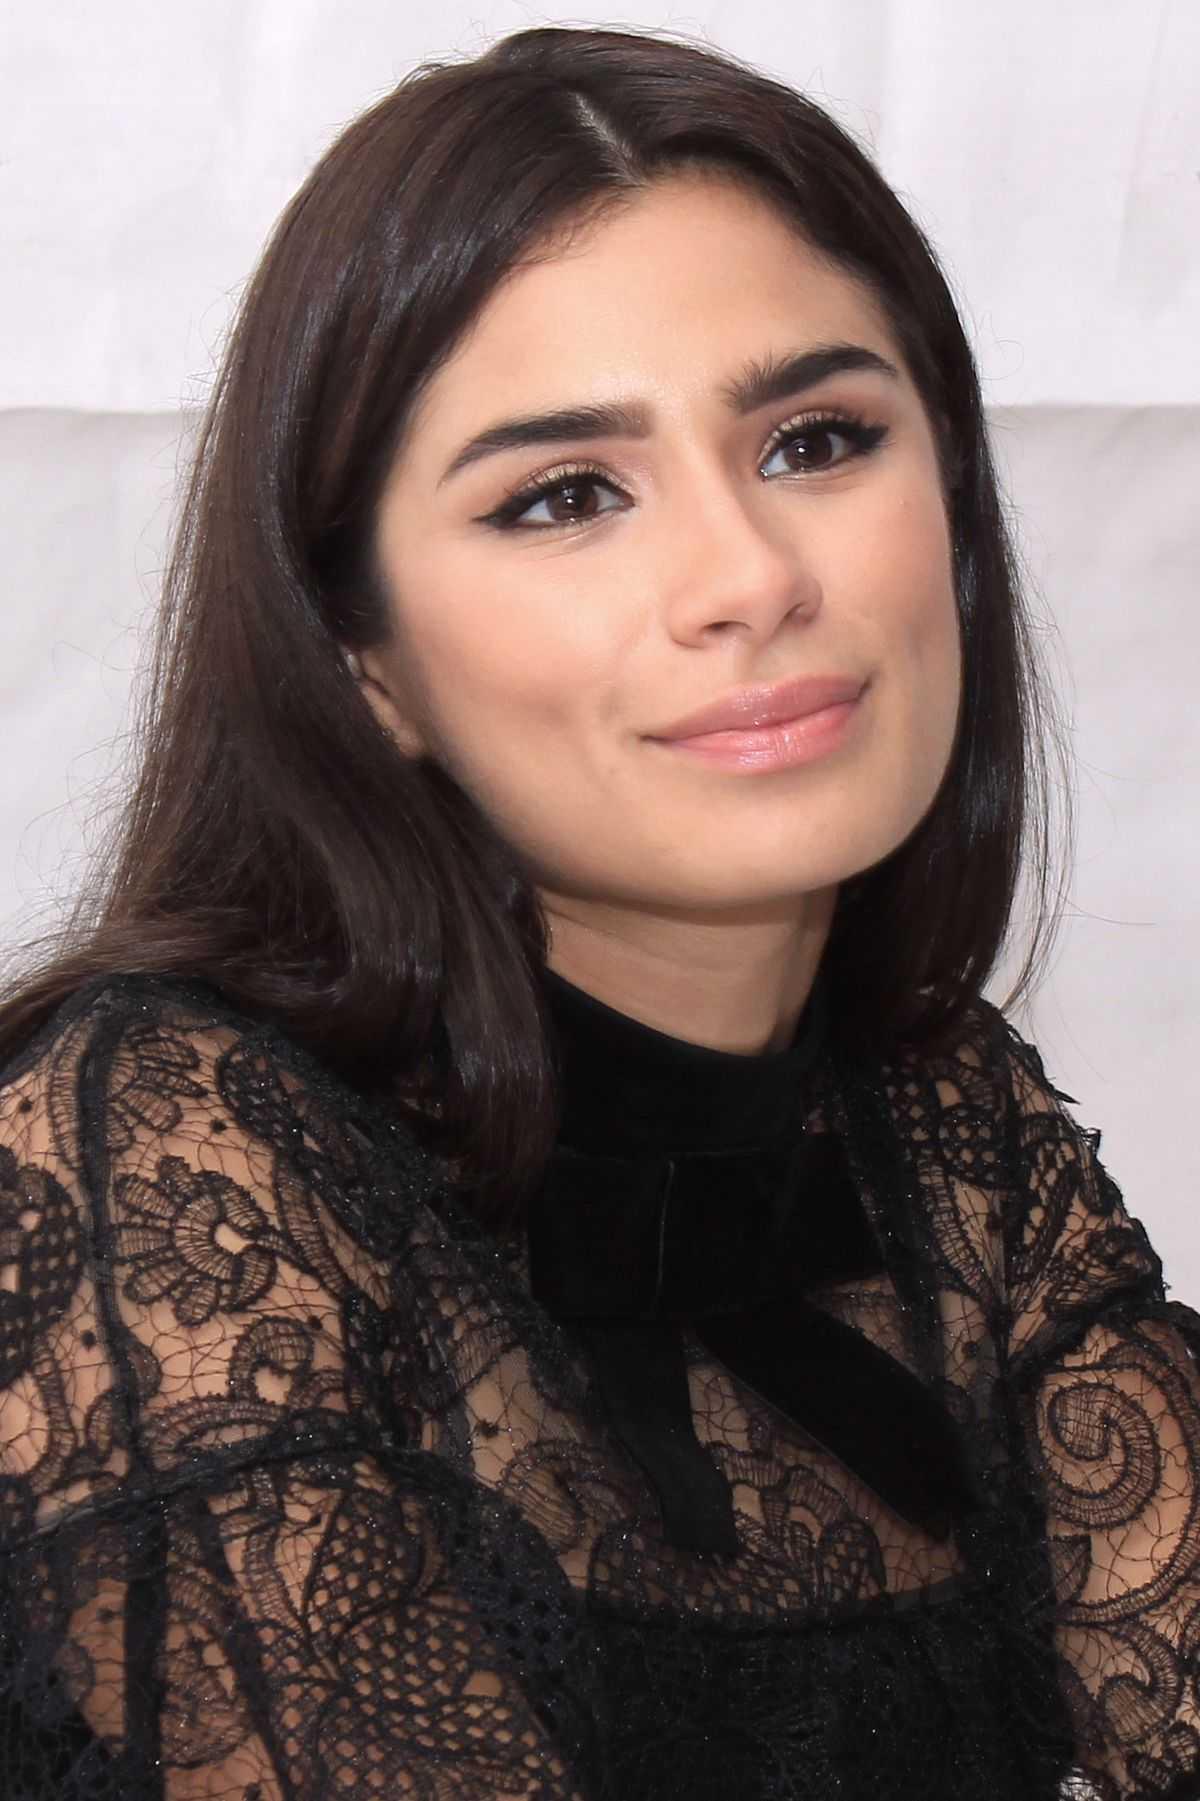 Pita Echevarria